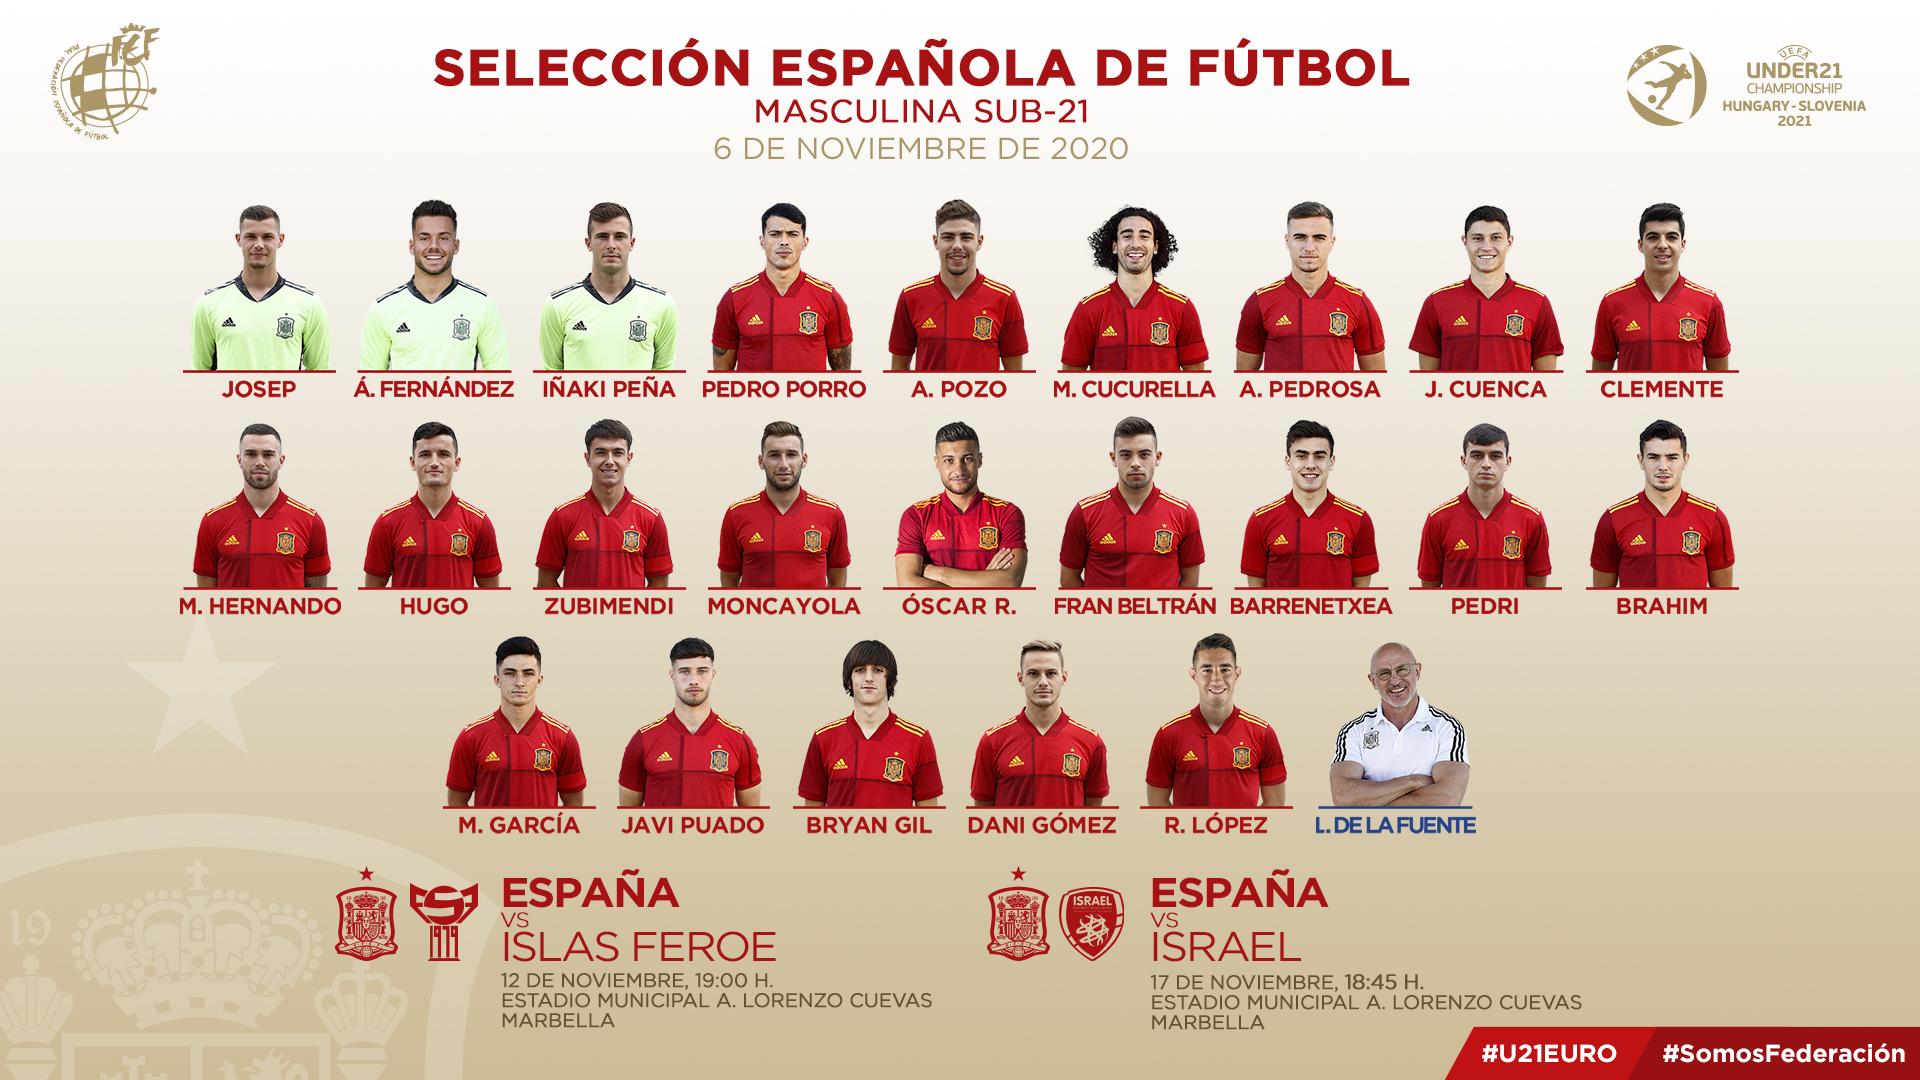 De nuevo Manu Hernando y Pascanu son convocados por sus respectivas selecciones Sub-21 2